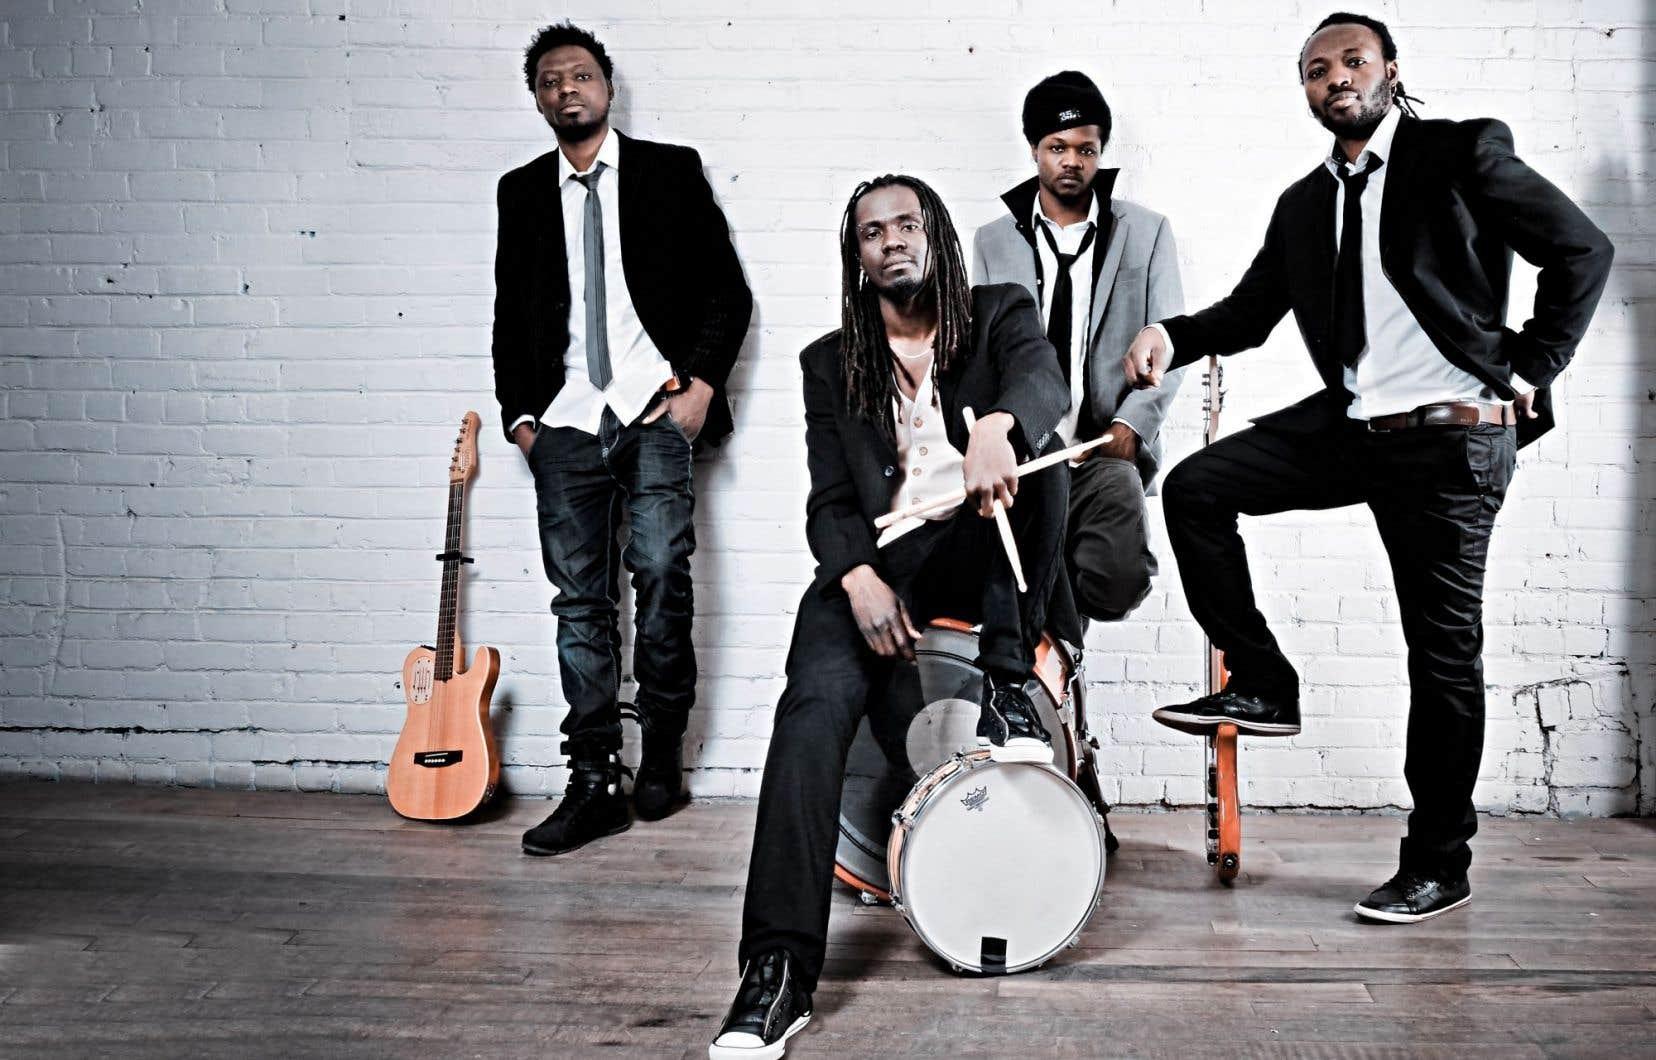 Le groupe H'Sao présentera son nouveau disque lors du festival.